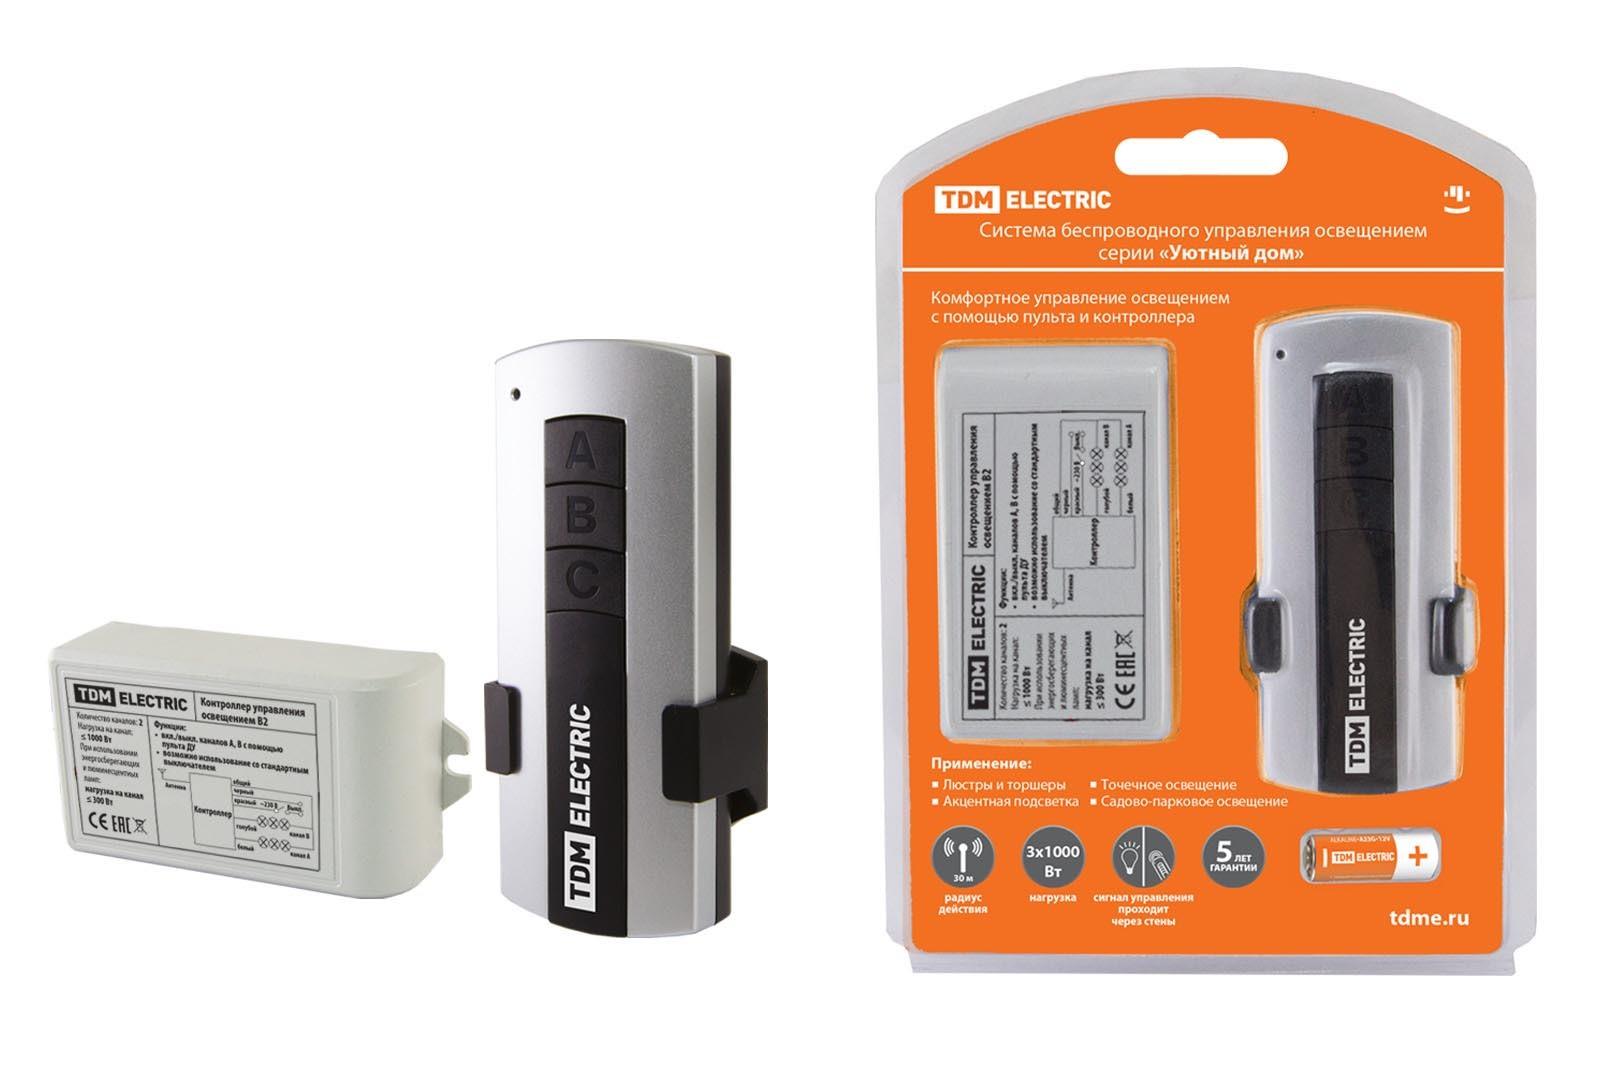 Комплект для беспроводного управления освещением ПУ1-МK-2 (2 канала) Уютный дом